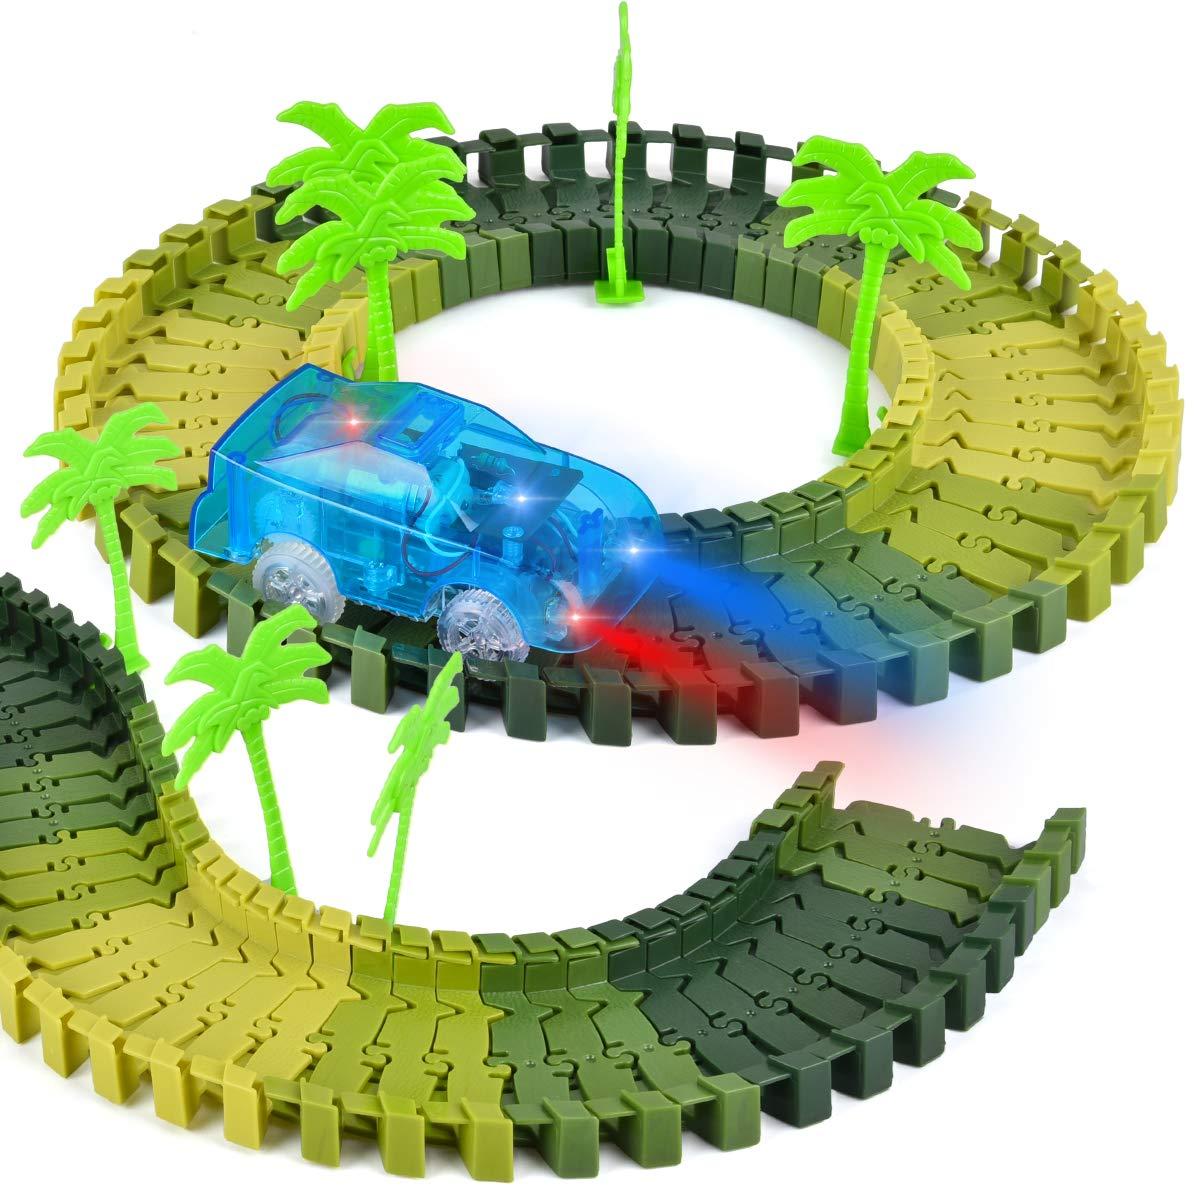 Gelb, Blau, Lila Funkprofi Spielzeugautos f/ür Kinder ab 2 Jahre alt 3 Pack Kinderspielzeug Auto Track Cars mit 5 LED Lichter Rennauto Rennwagen Leuchtender Elektrischer Eisenbahnwagen